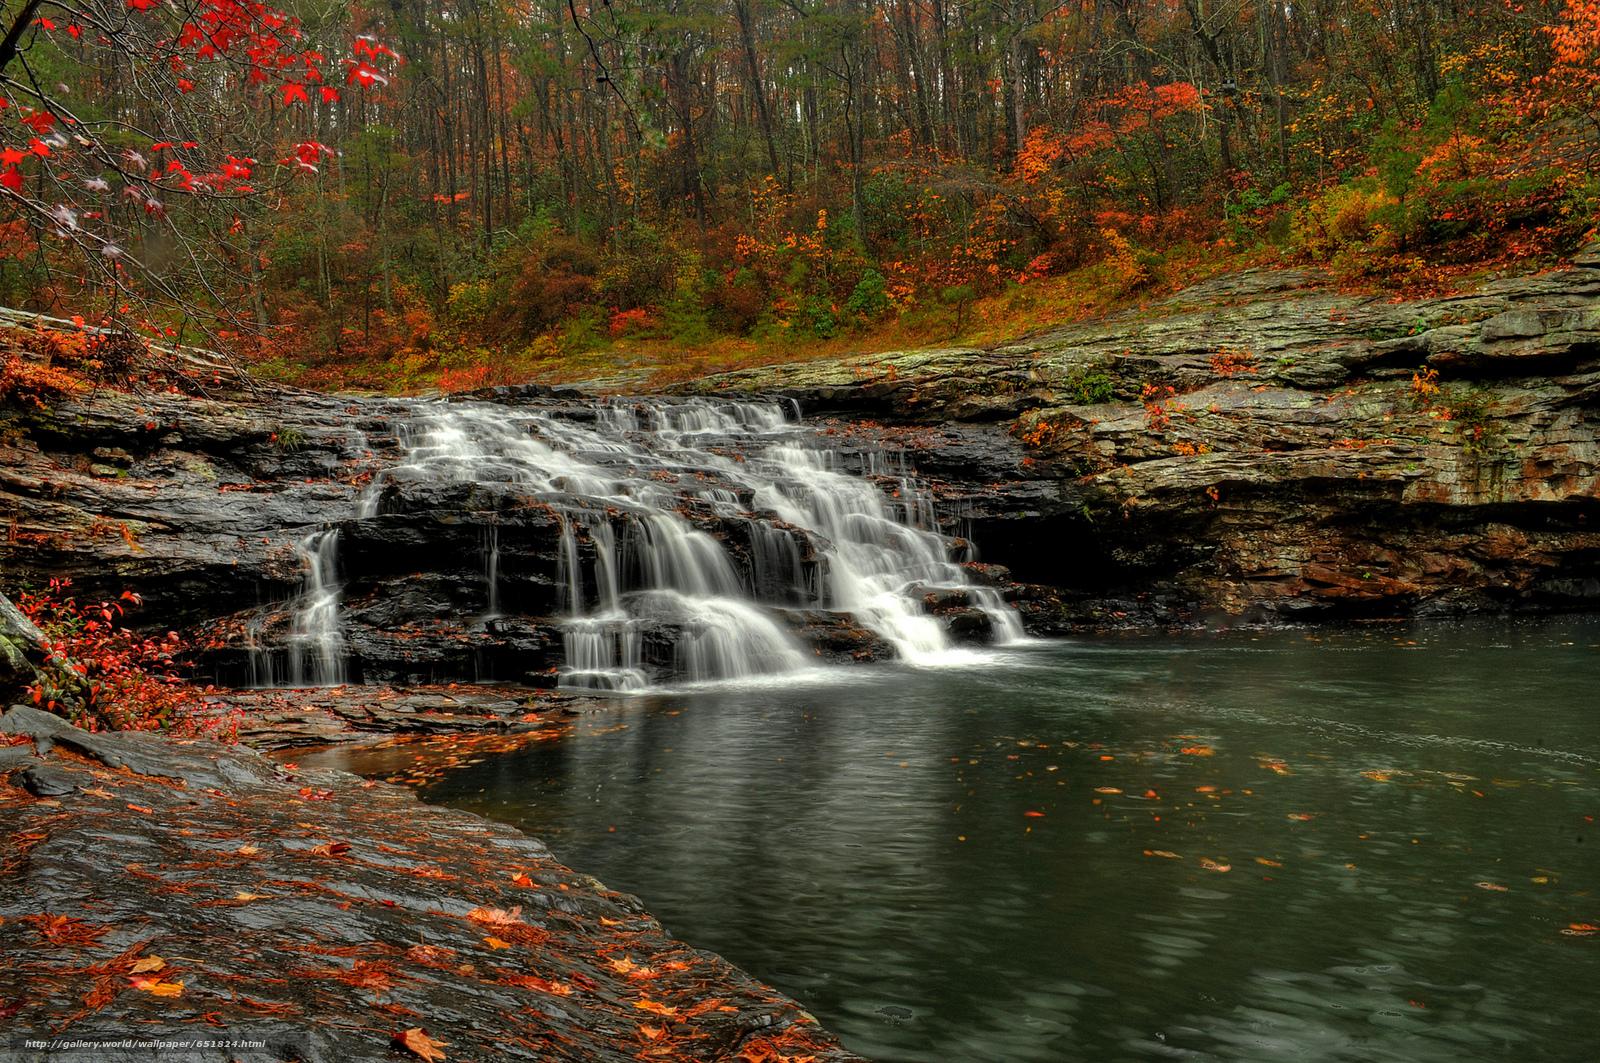 Download Hintergrund Wasserfall,  Rocks,  Fluss,  Wald Freie desktop Tapeten in der Auflosung 2048x1361 — bild №651824